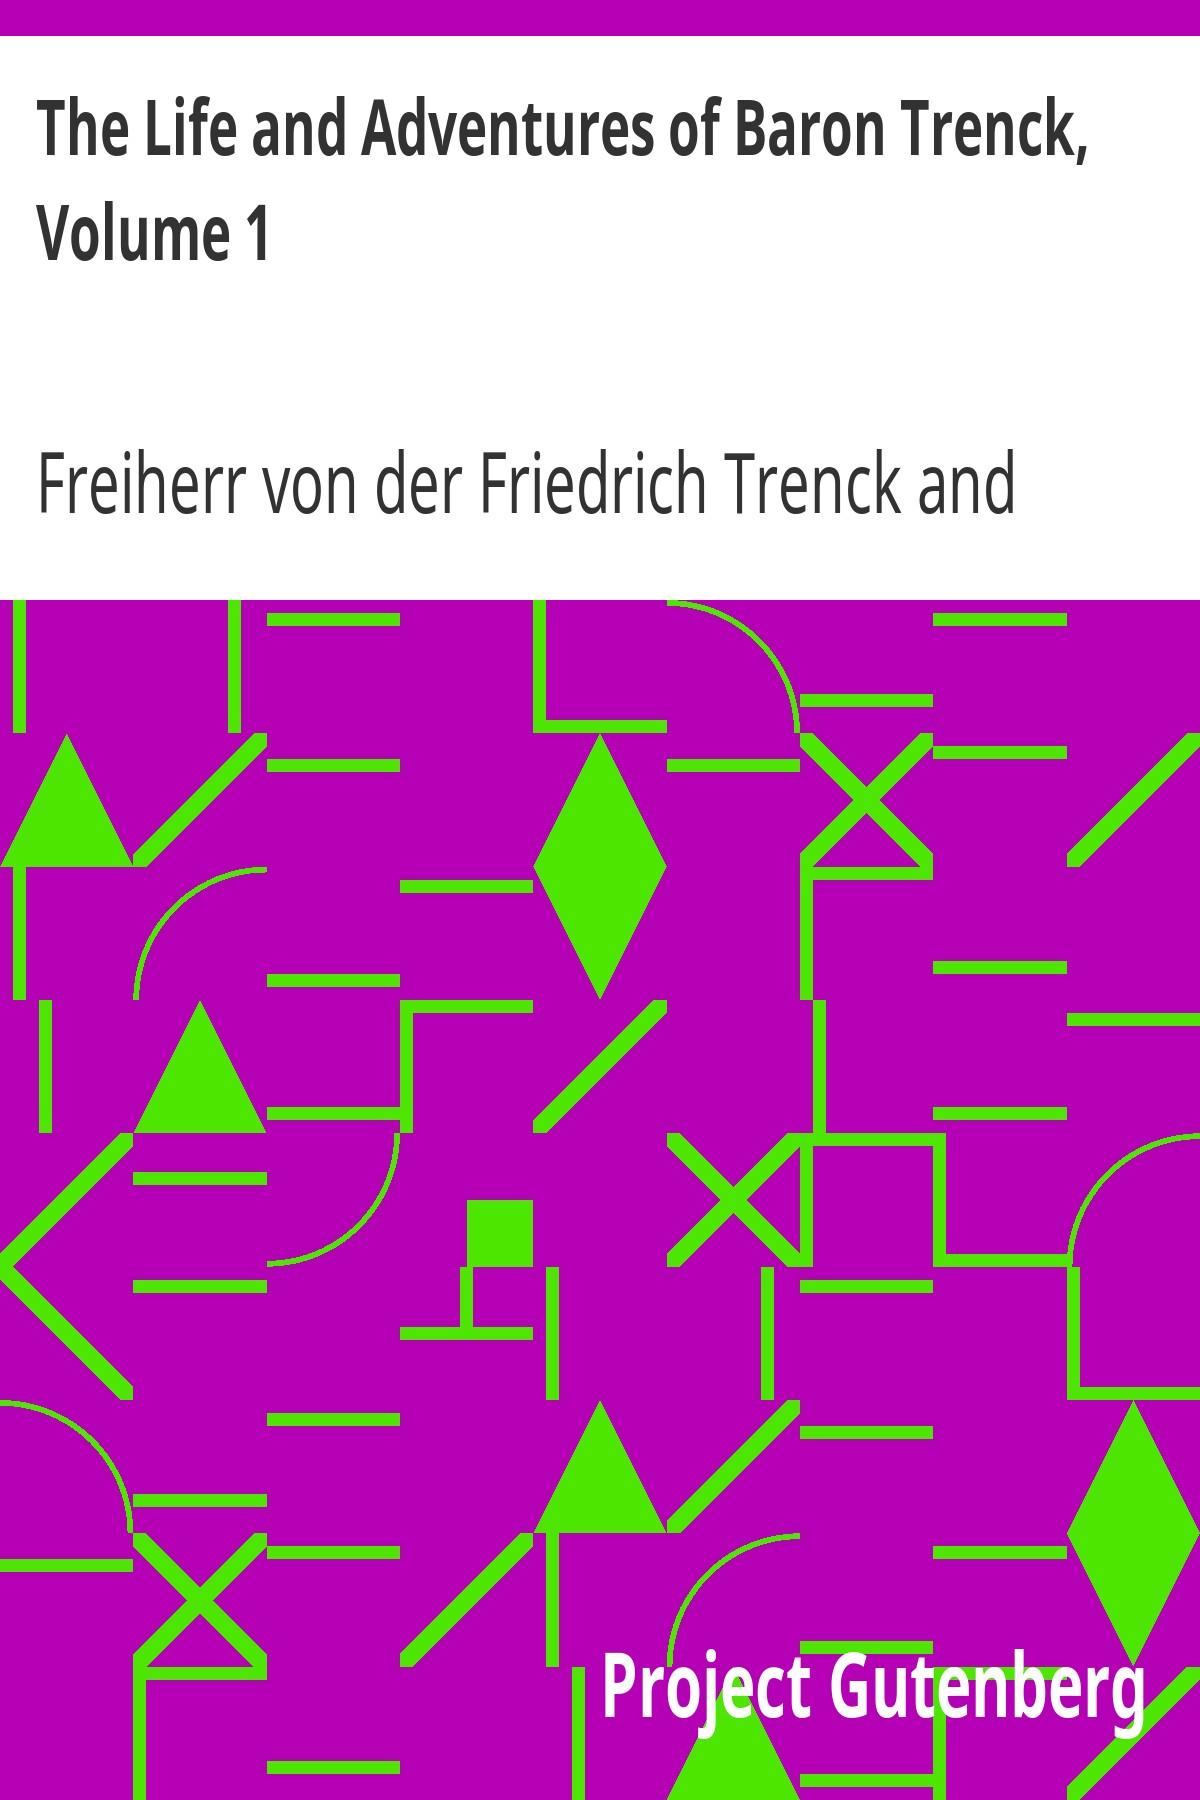 Freiherr von der Friedrich Trenck The Life and Adventures of Baron Trenck, Volume 1